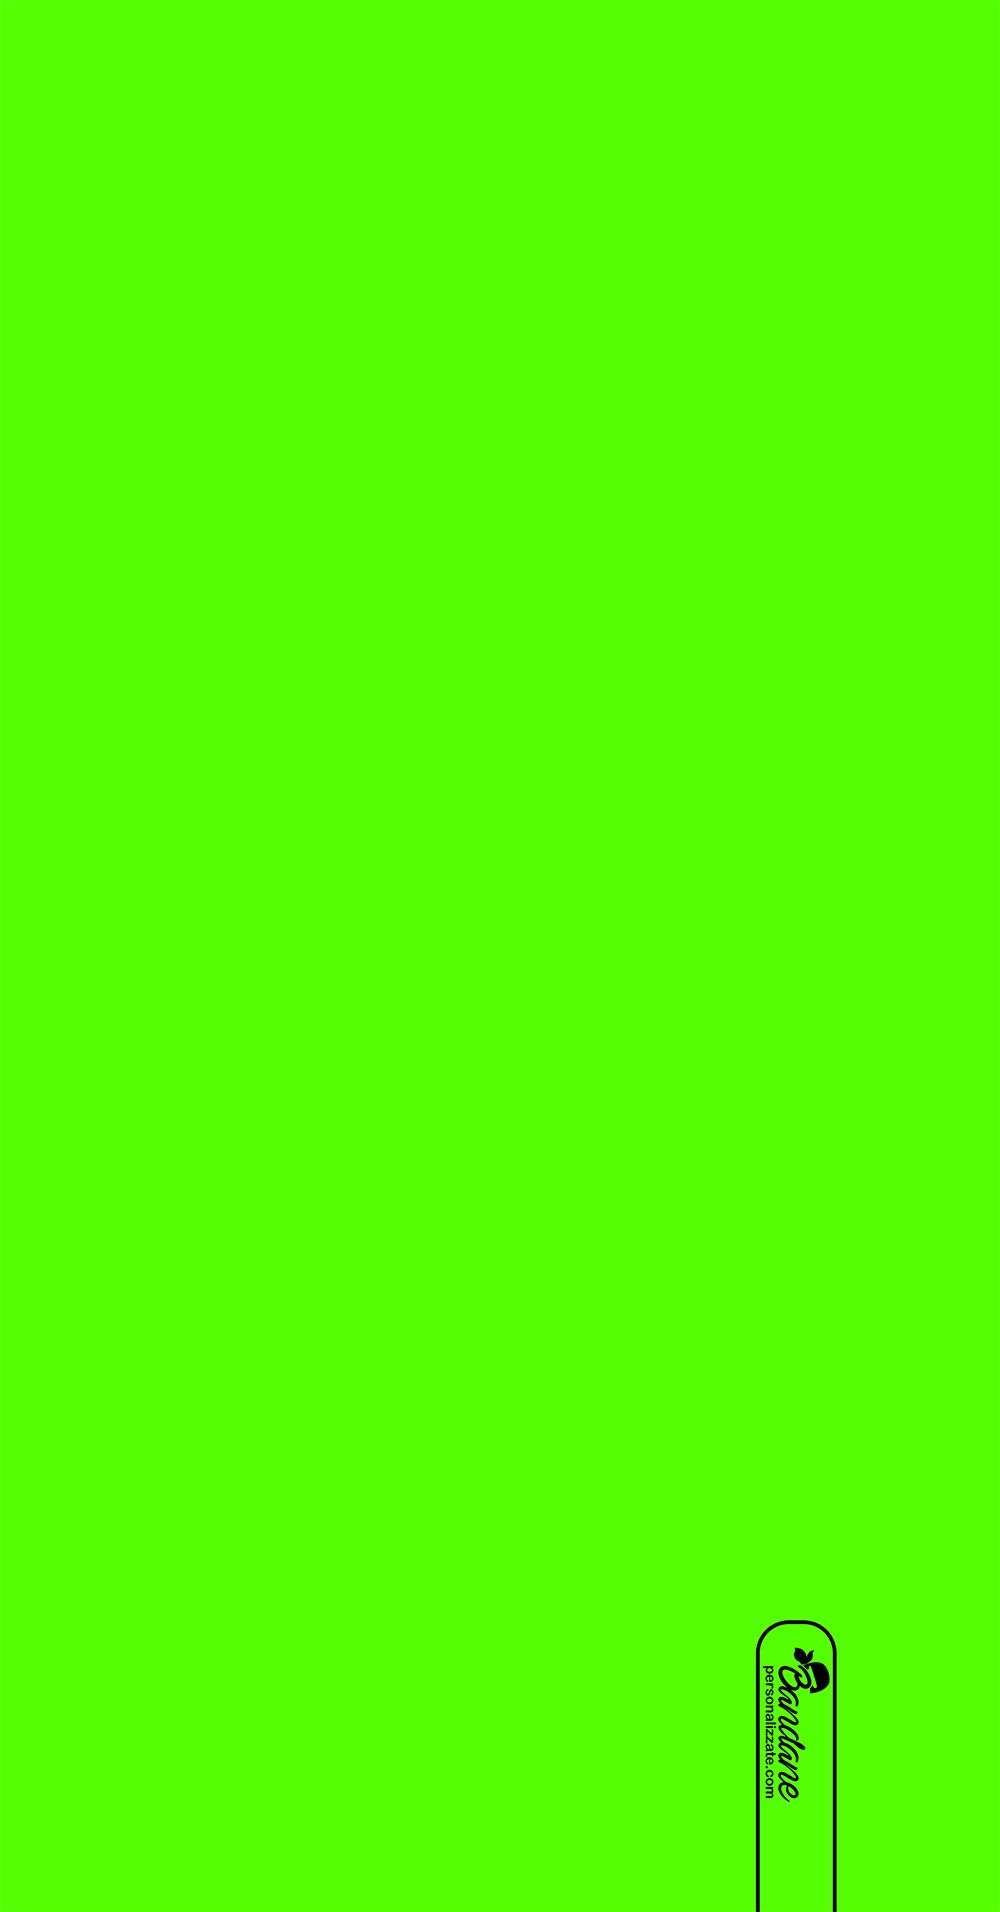 Sfondo verde fluo tinta unita